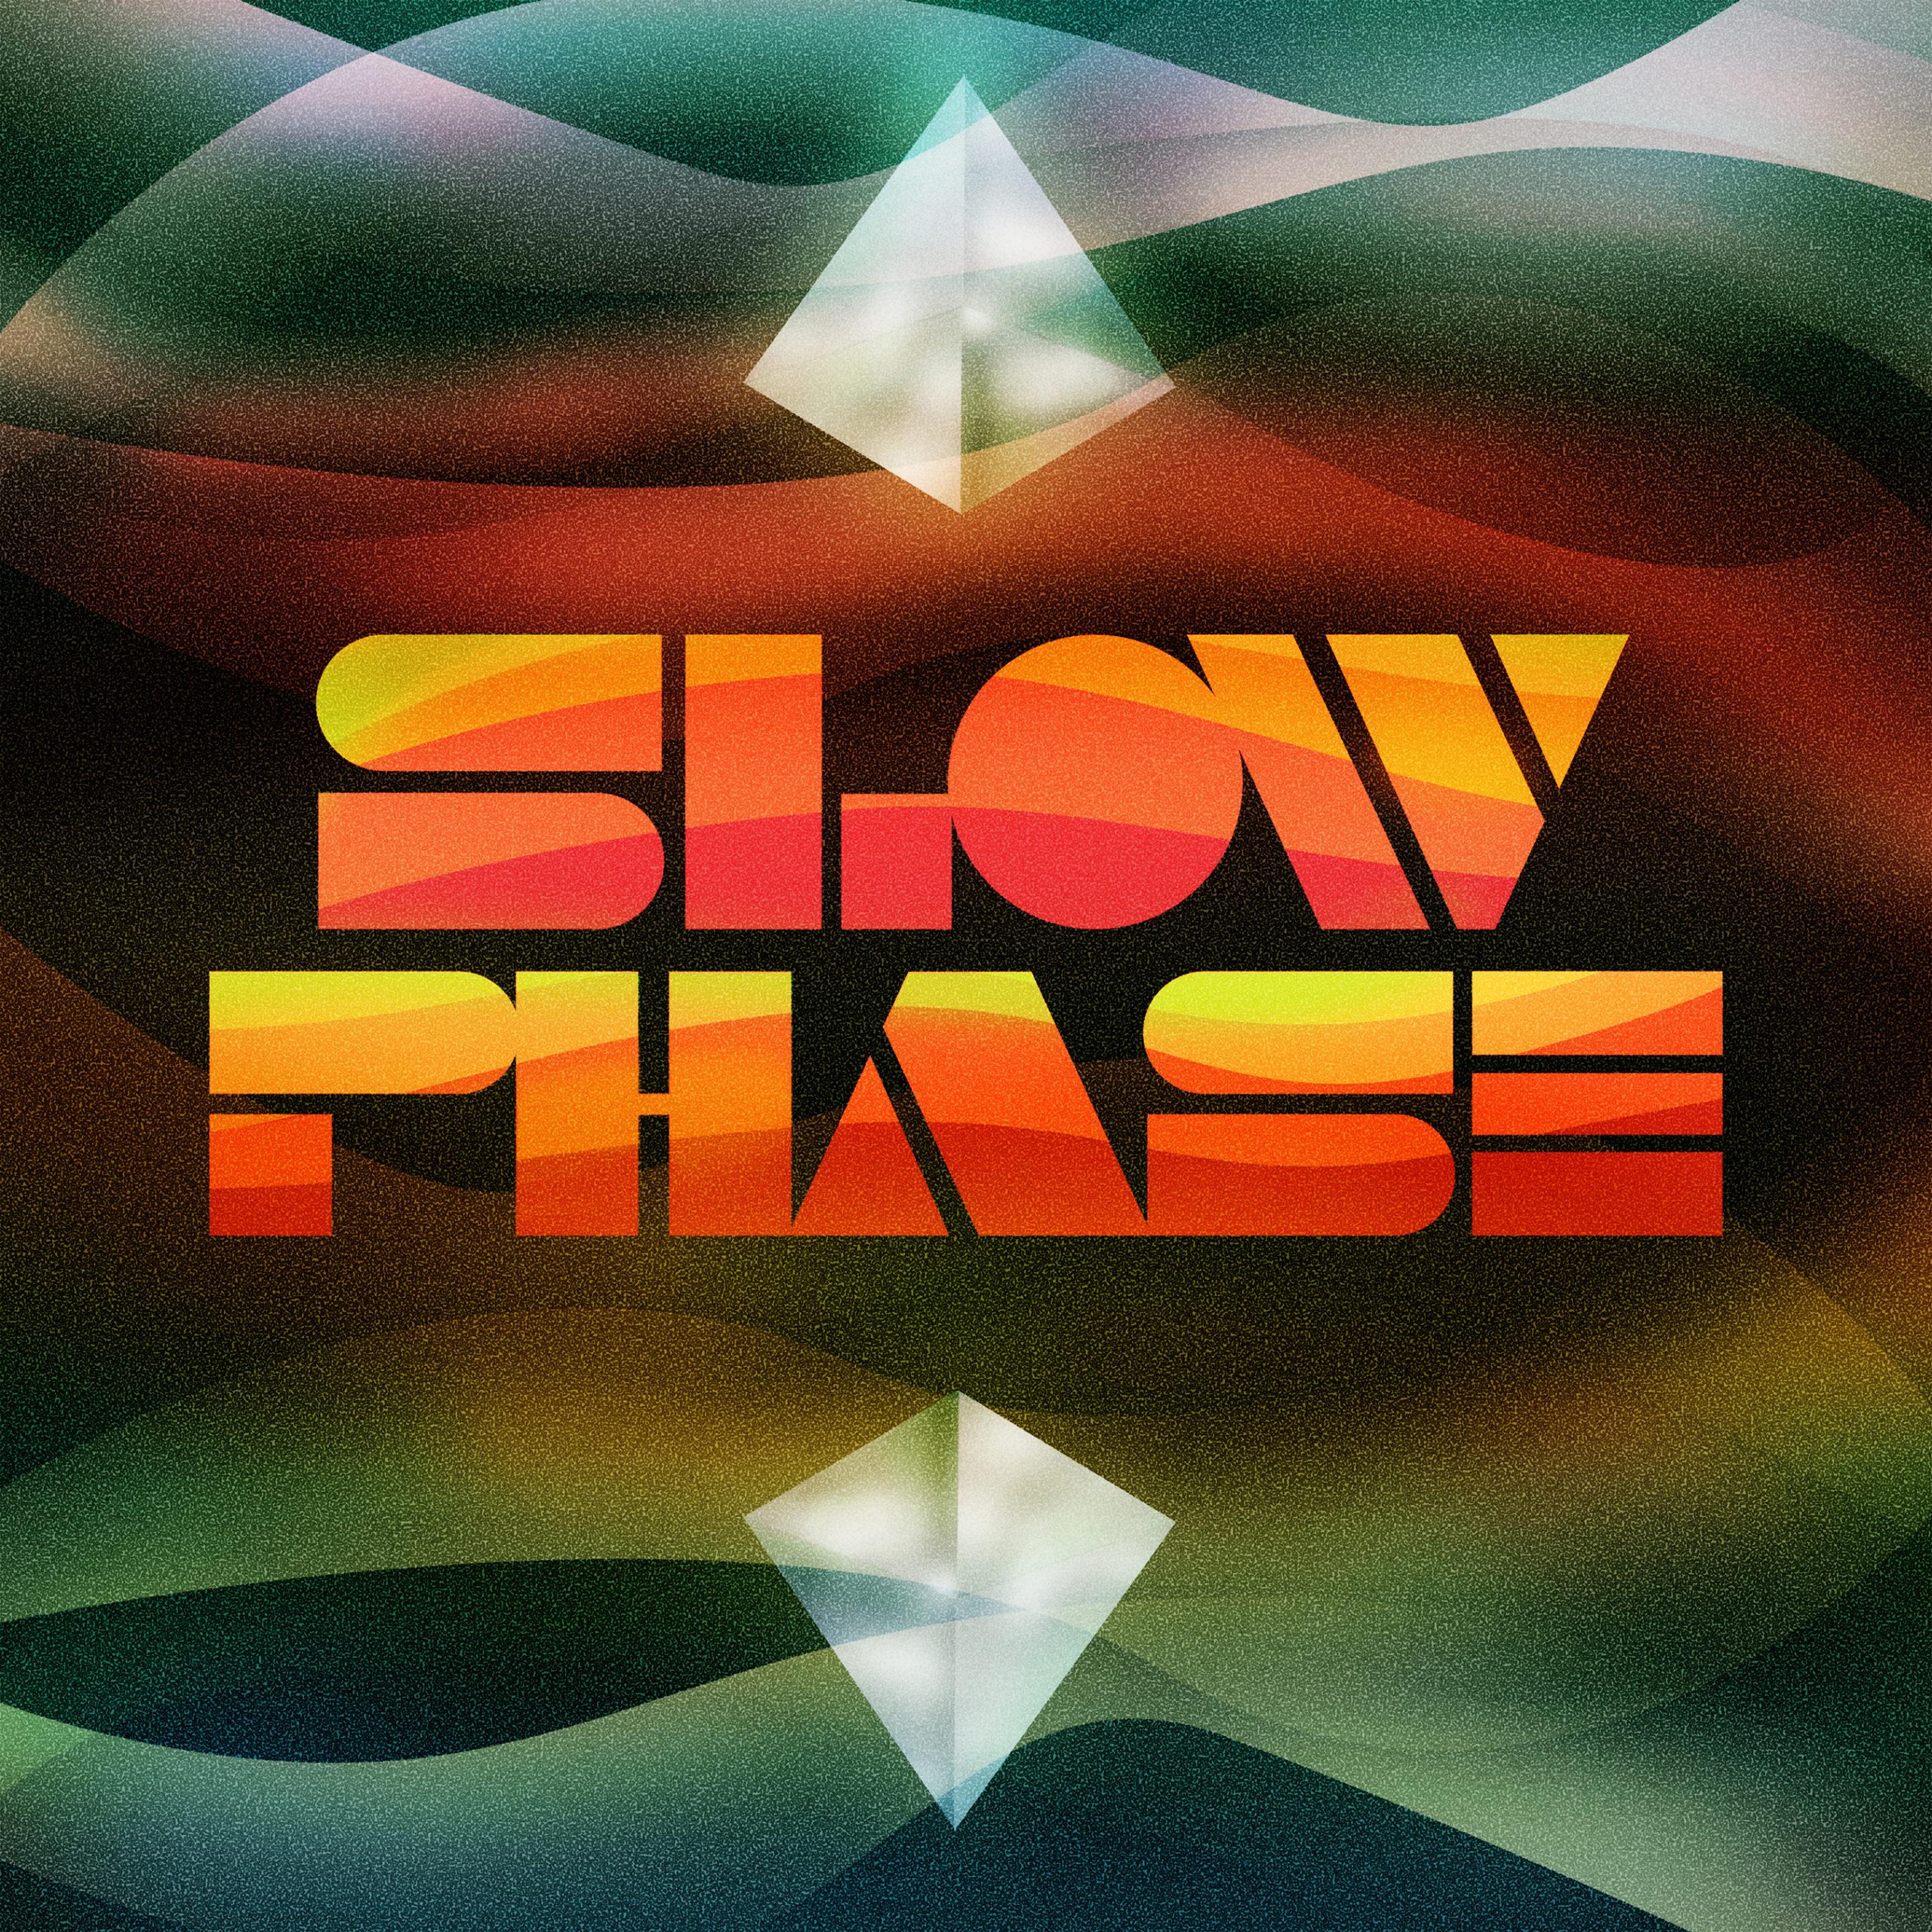 slow phase slow phase